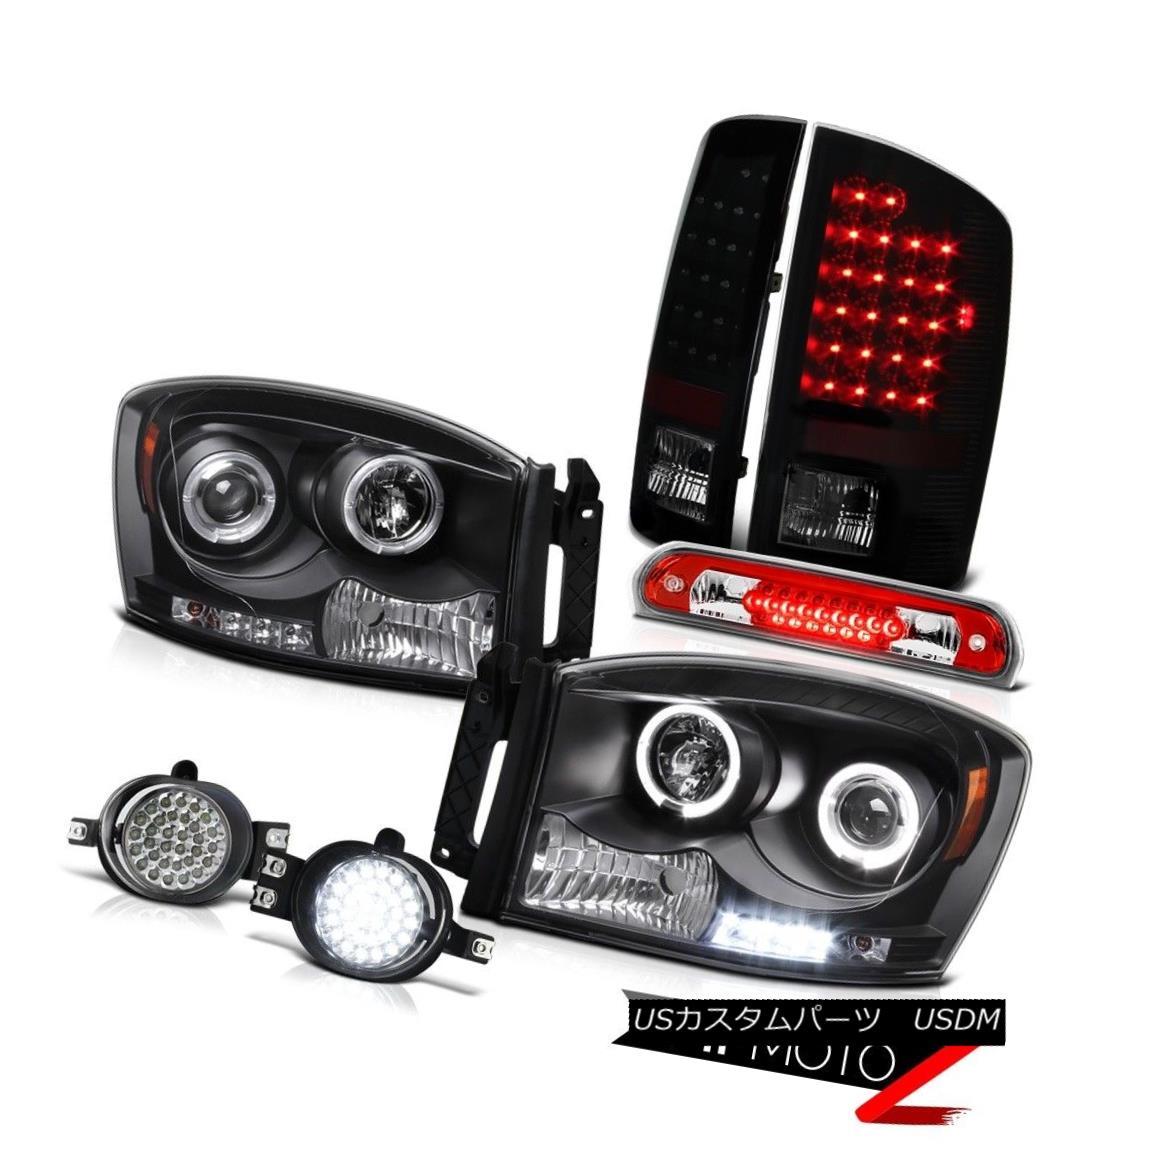 テールライト LED Projector Smoke Tint Tail Lights Trim Fog High Stop Red 2006 Dodge Ram 3500 LEDプロジェクタースモークティントテールライトトリムフォグハイストップレッド2006 Dodge Ram 3500